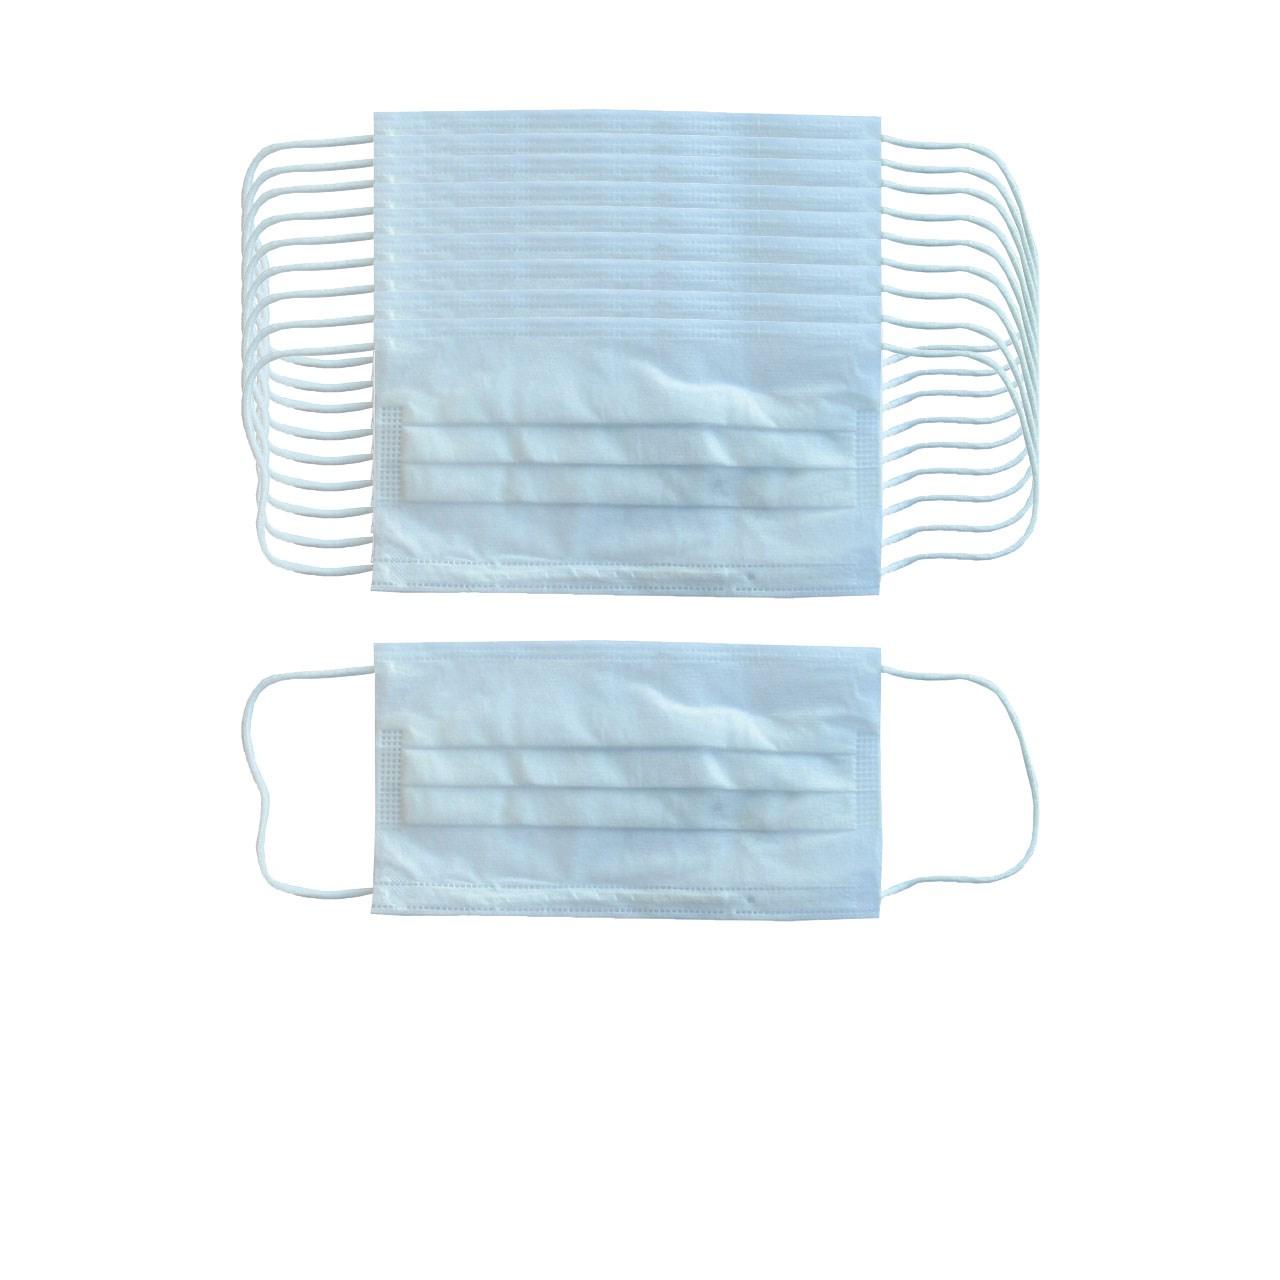 خرید                     ماسک تنفسی بست ماسک مدل نانو بسته 10 عددی